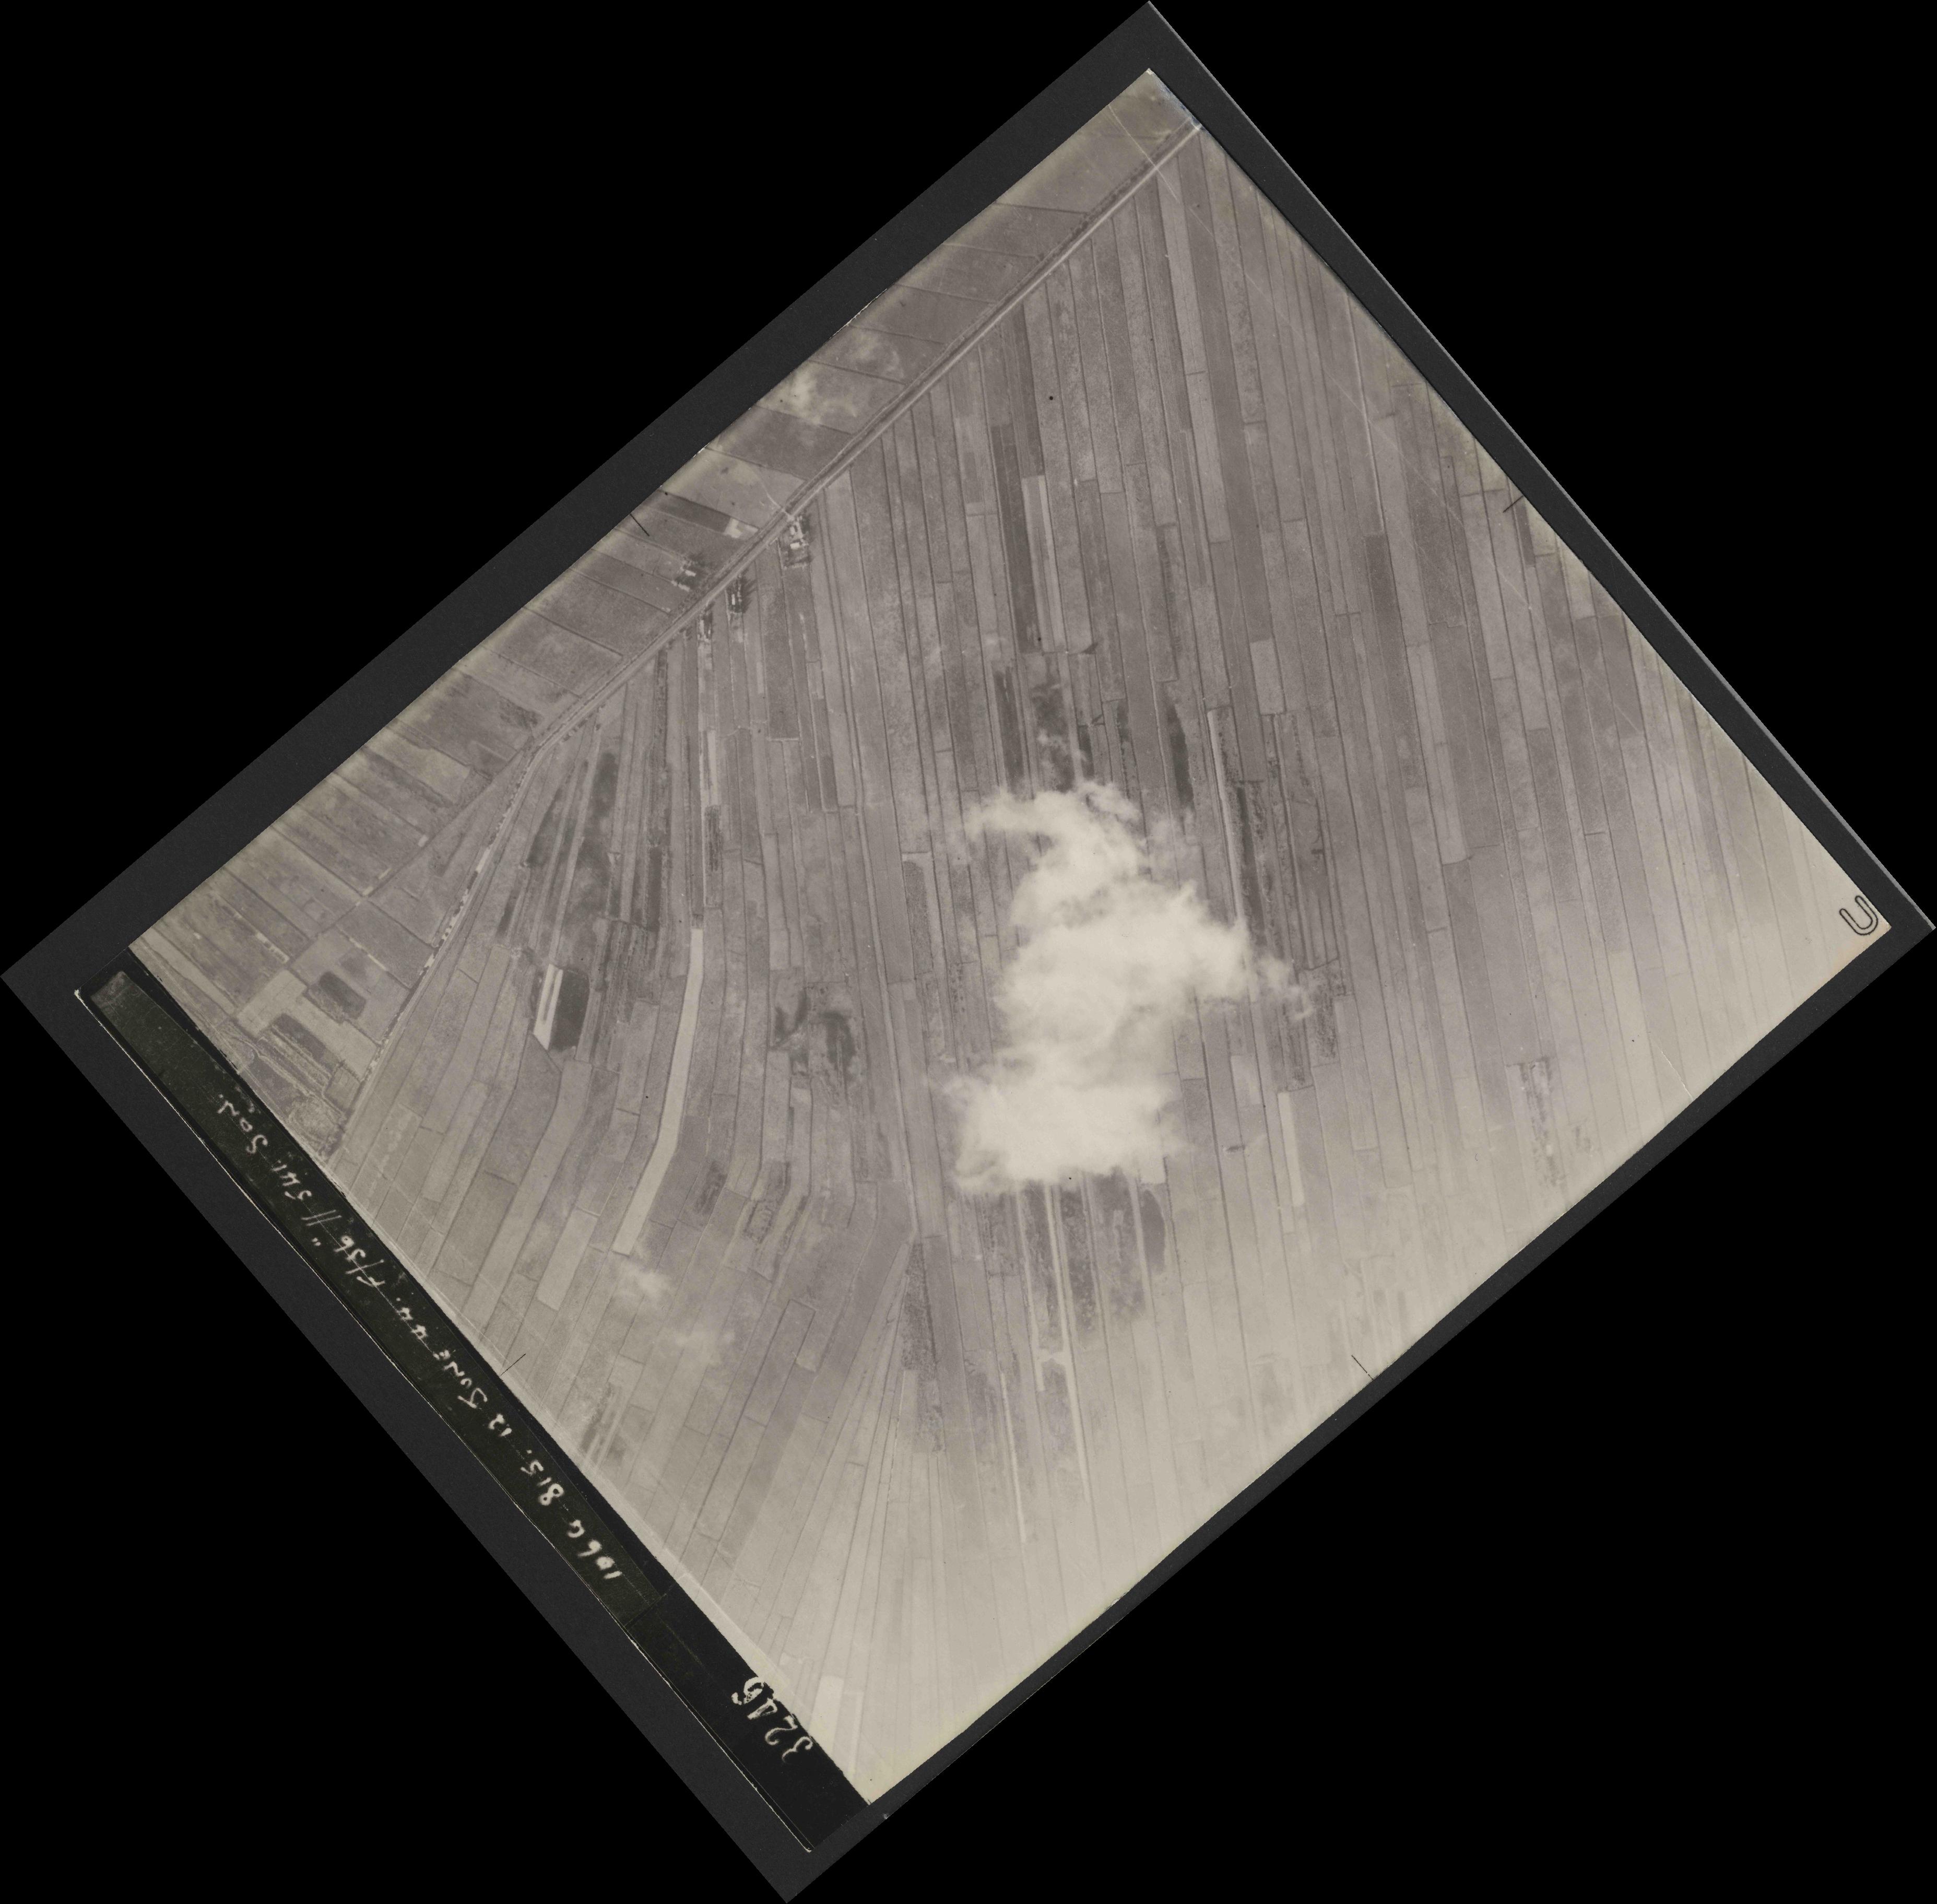 Collection RAF aerial photos 1940-1945 - flight 175, run 09, photo 3246